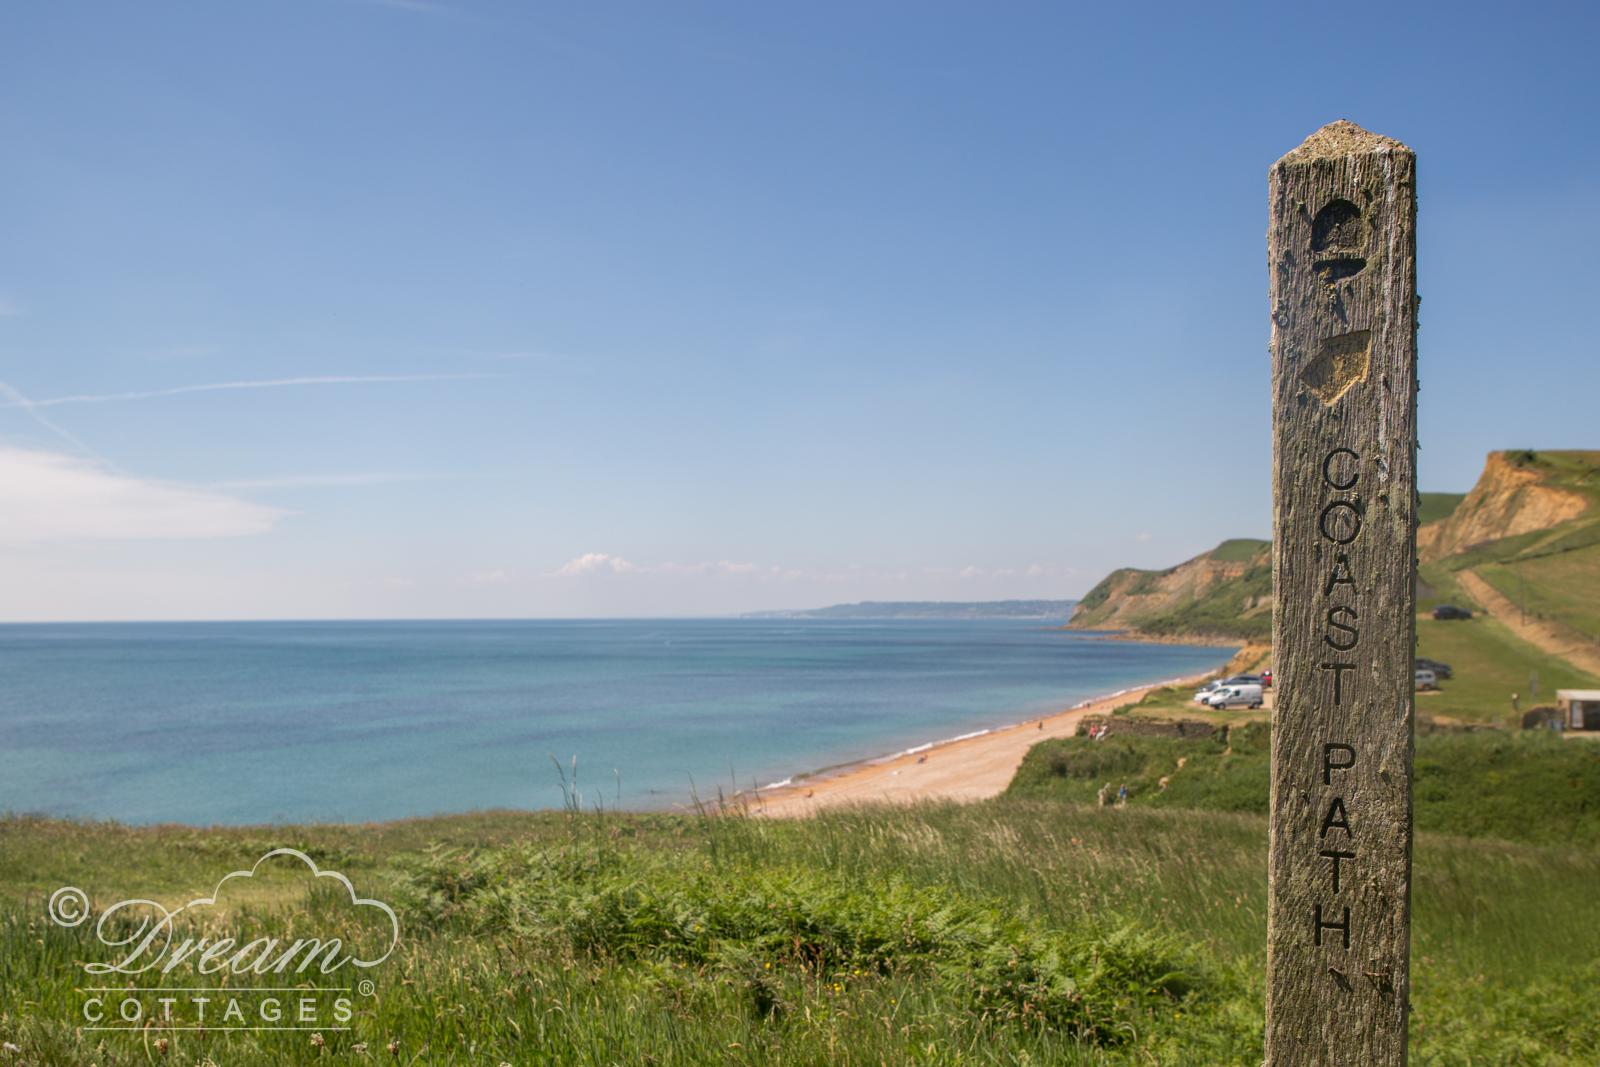 Eype Beach, Dorset